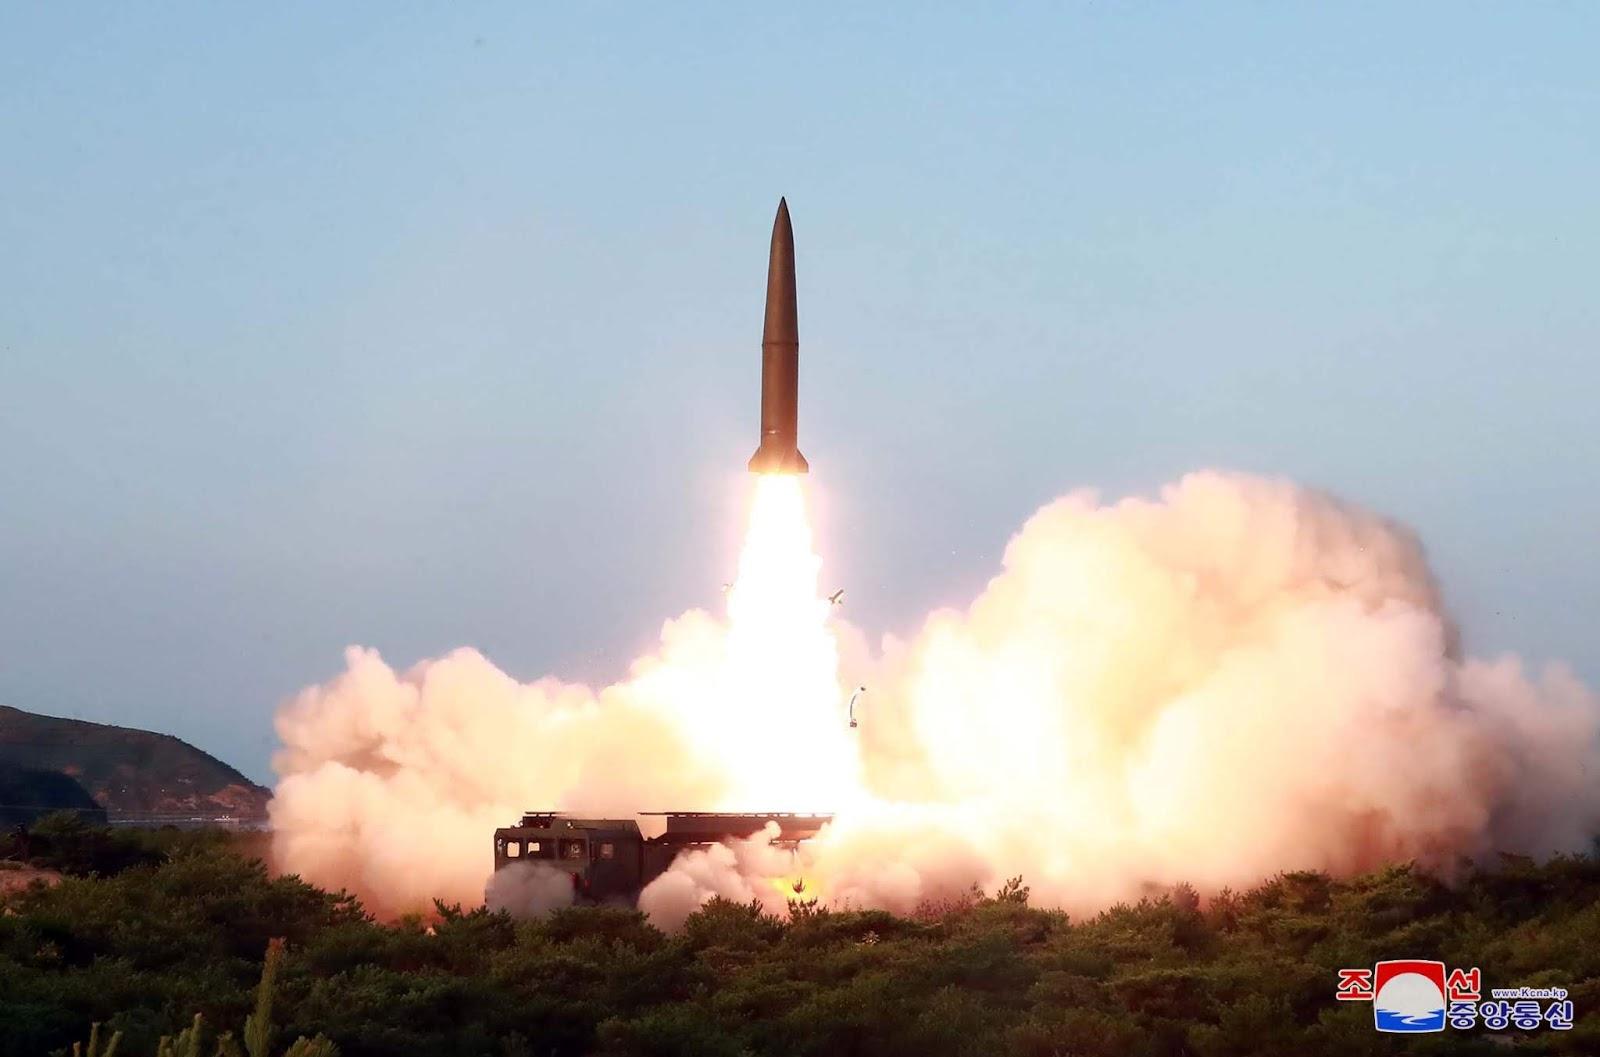 Ziemeļkoreja atkārtoti izmēģina 2 ballistiskās raķetes